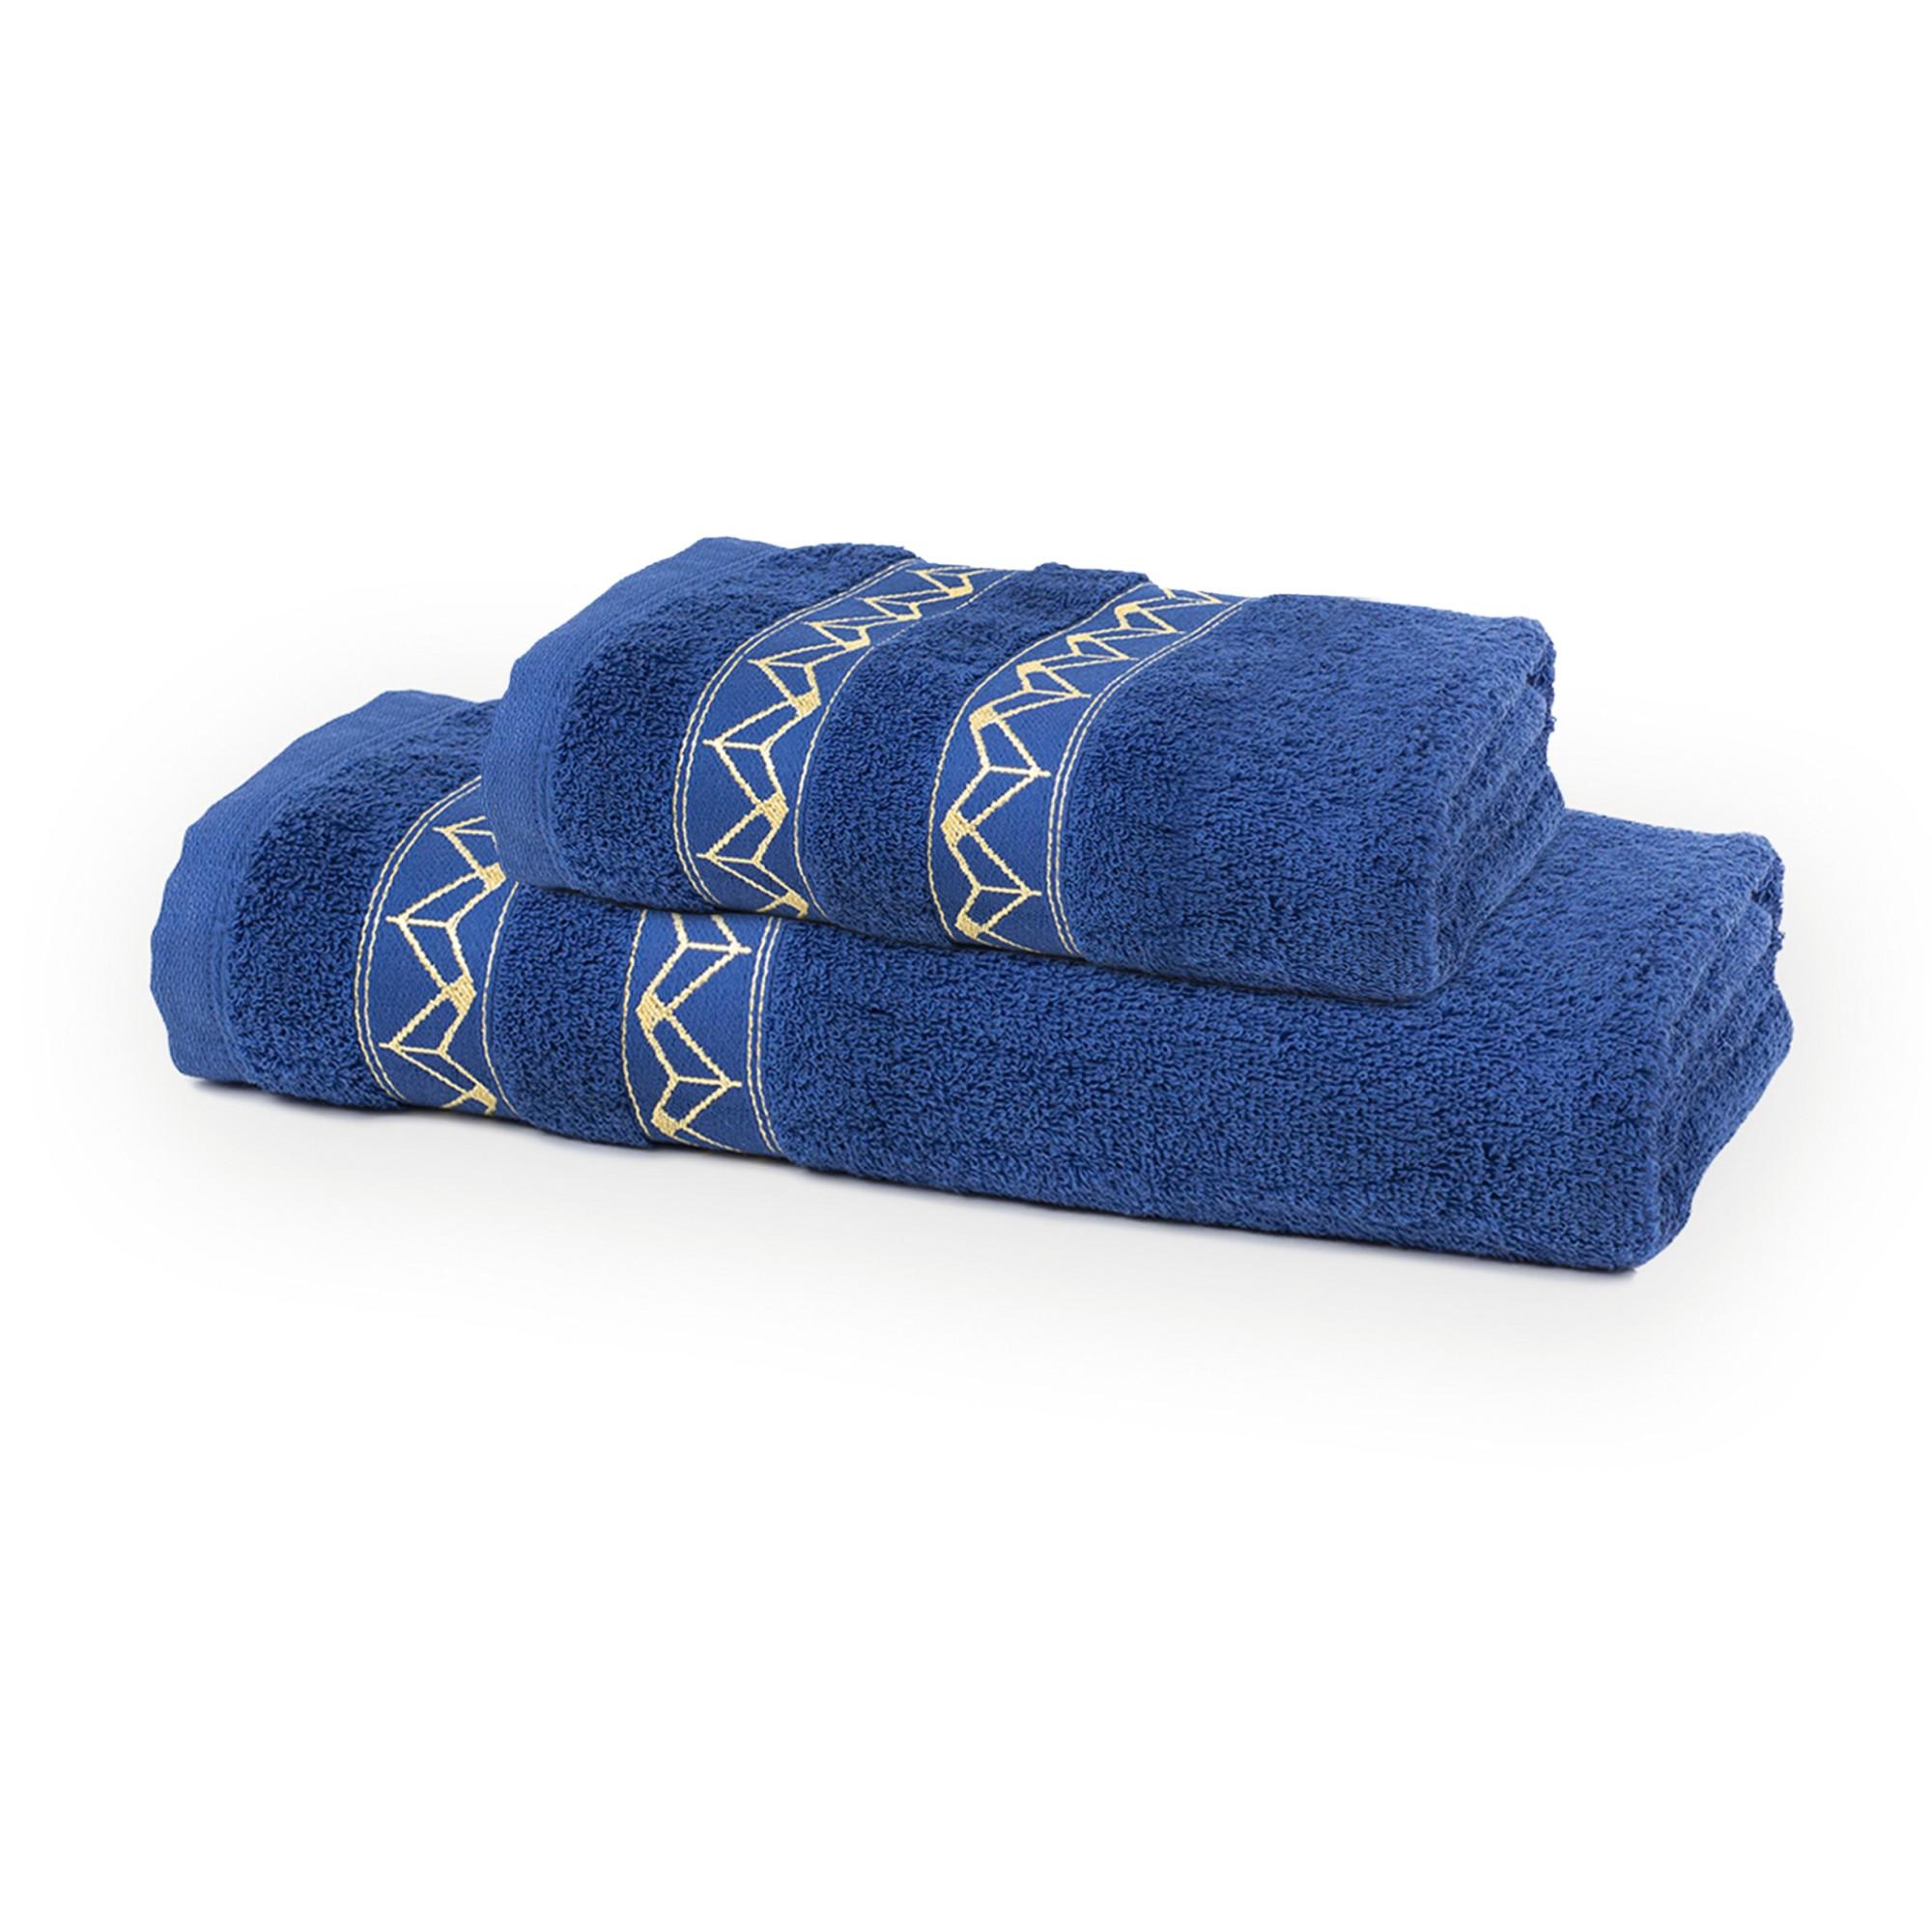 Jogo de Toalha 2 Pecas Santista Lalique 100 Algodao Felpuda - Azul